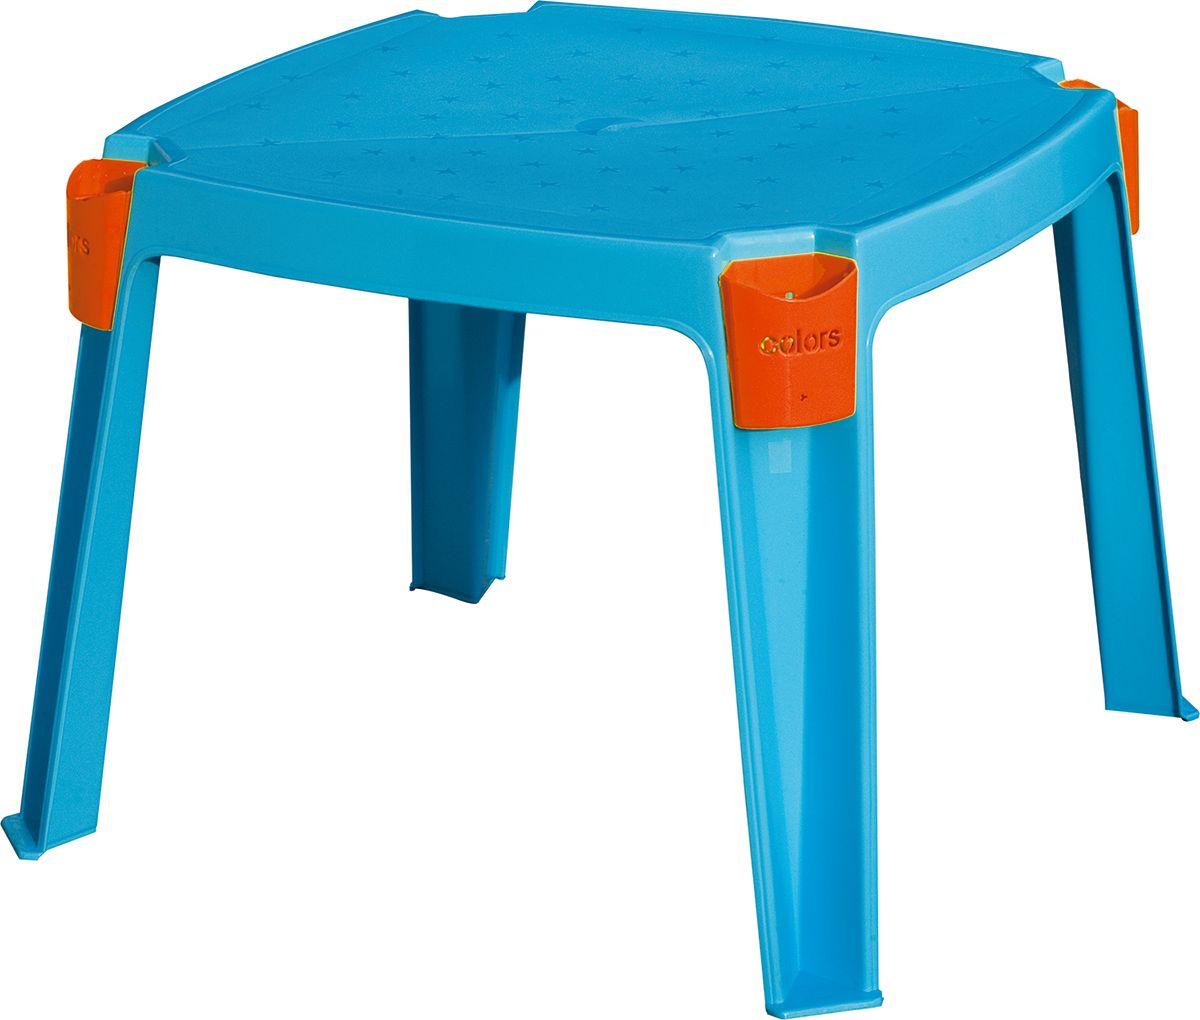 Marian Plast Стол детский с карманами364Удобный детский столик необходим каждому ребенку. За столиком ребенок может играть, заниматься творчеством. Столик сделан из прочного, но легкого пластика. Имеет удобные кармашки для хранения предметов.